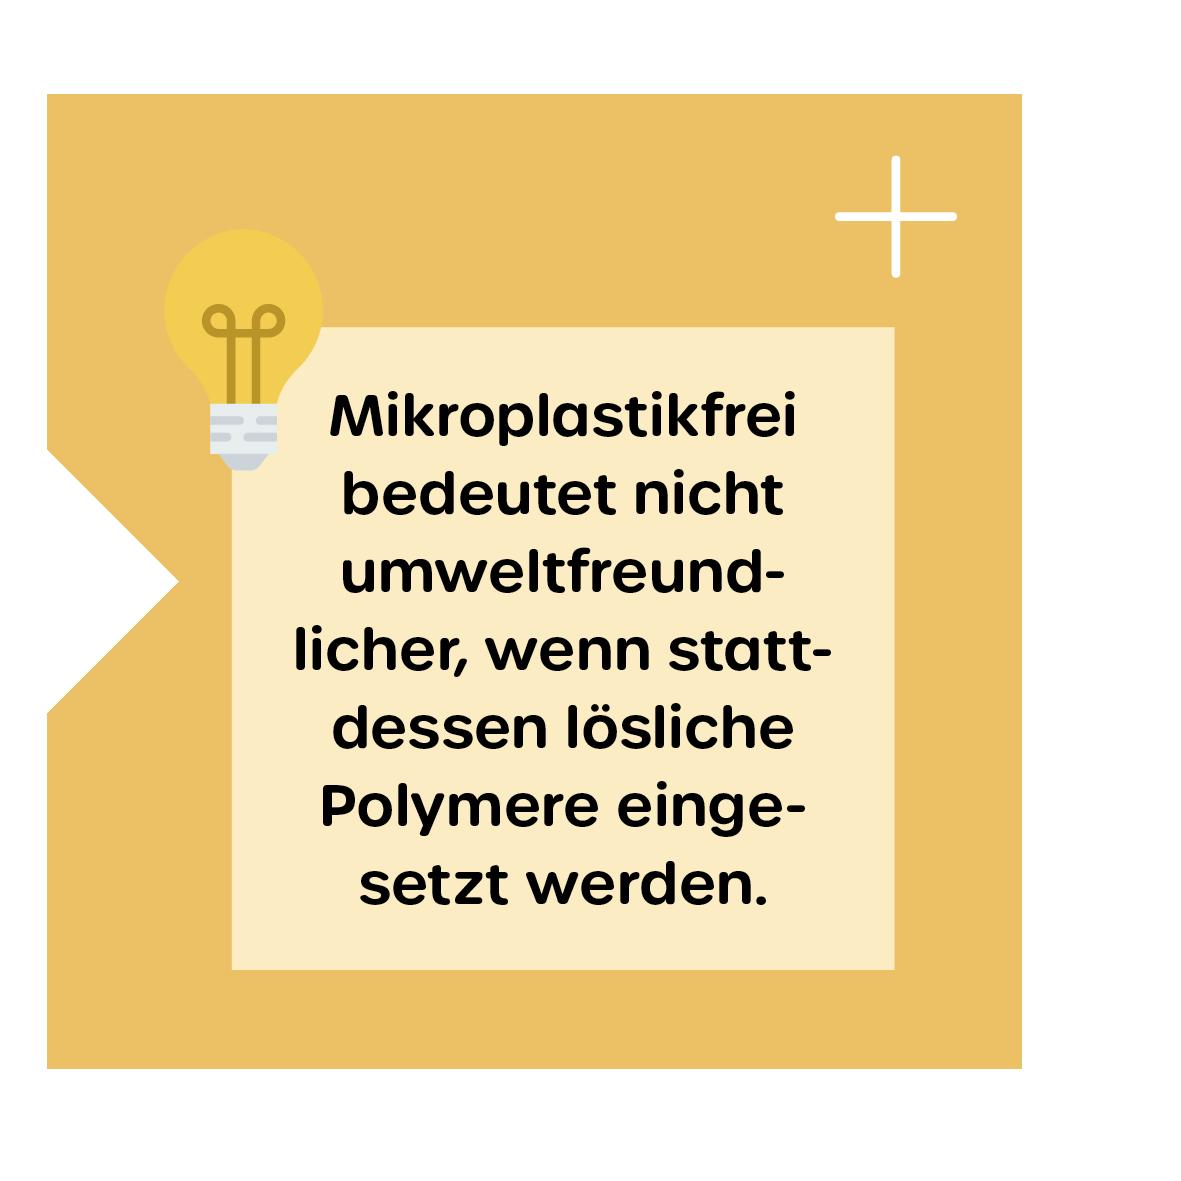 Mikroplastikfrei